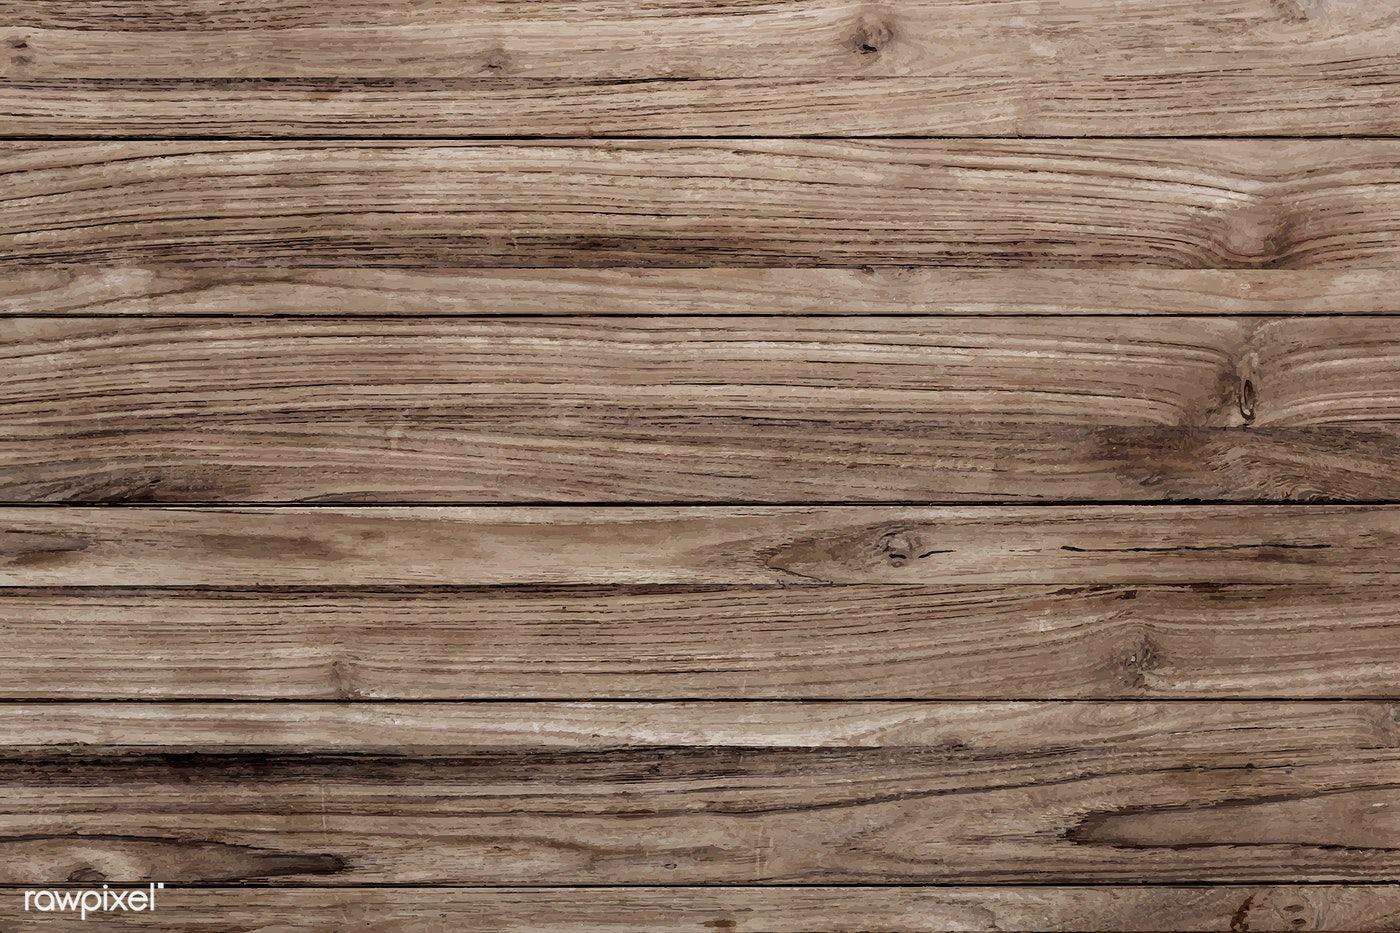 Download Premium Vector Of Brown Wooden Texture Flooring Background 514201 Wooden Textures Wood Background Free Wood Texture Background